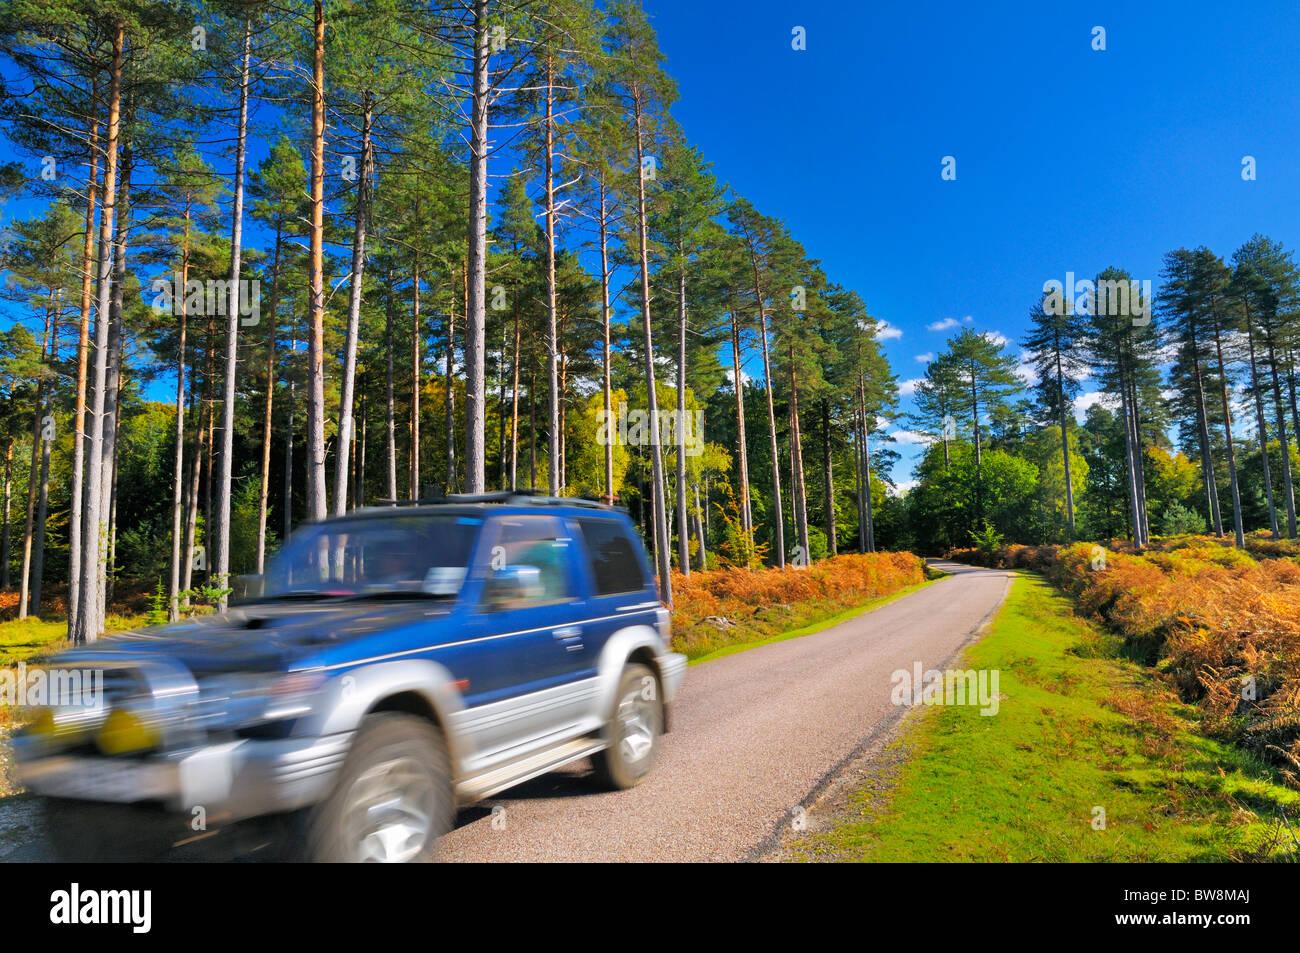 Fahrzeug durch eine landschaftlich reizvolle Land Straße im Herzen des New Forest, Hampshire, Großbritannien Stockbild